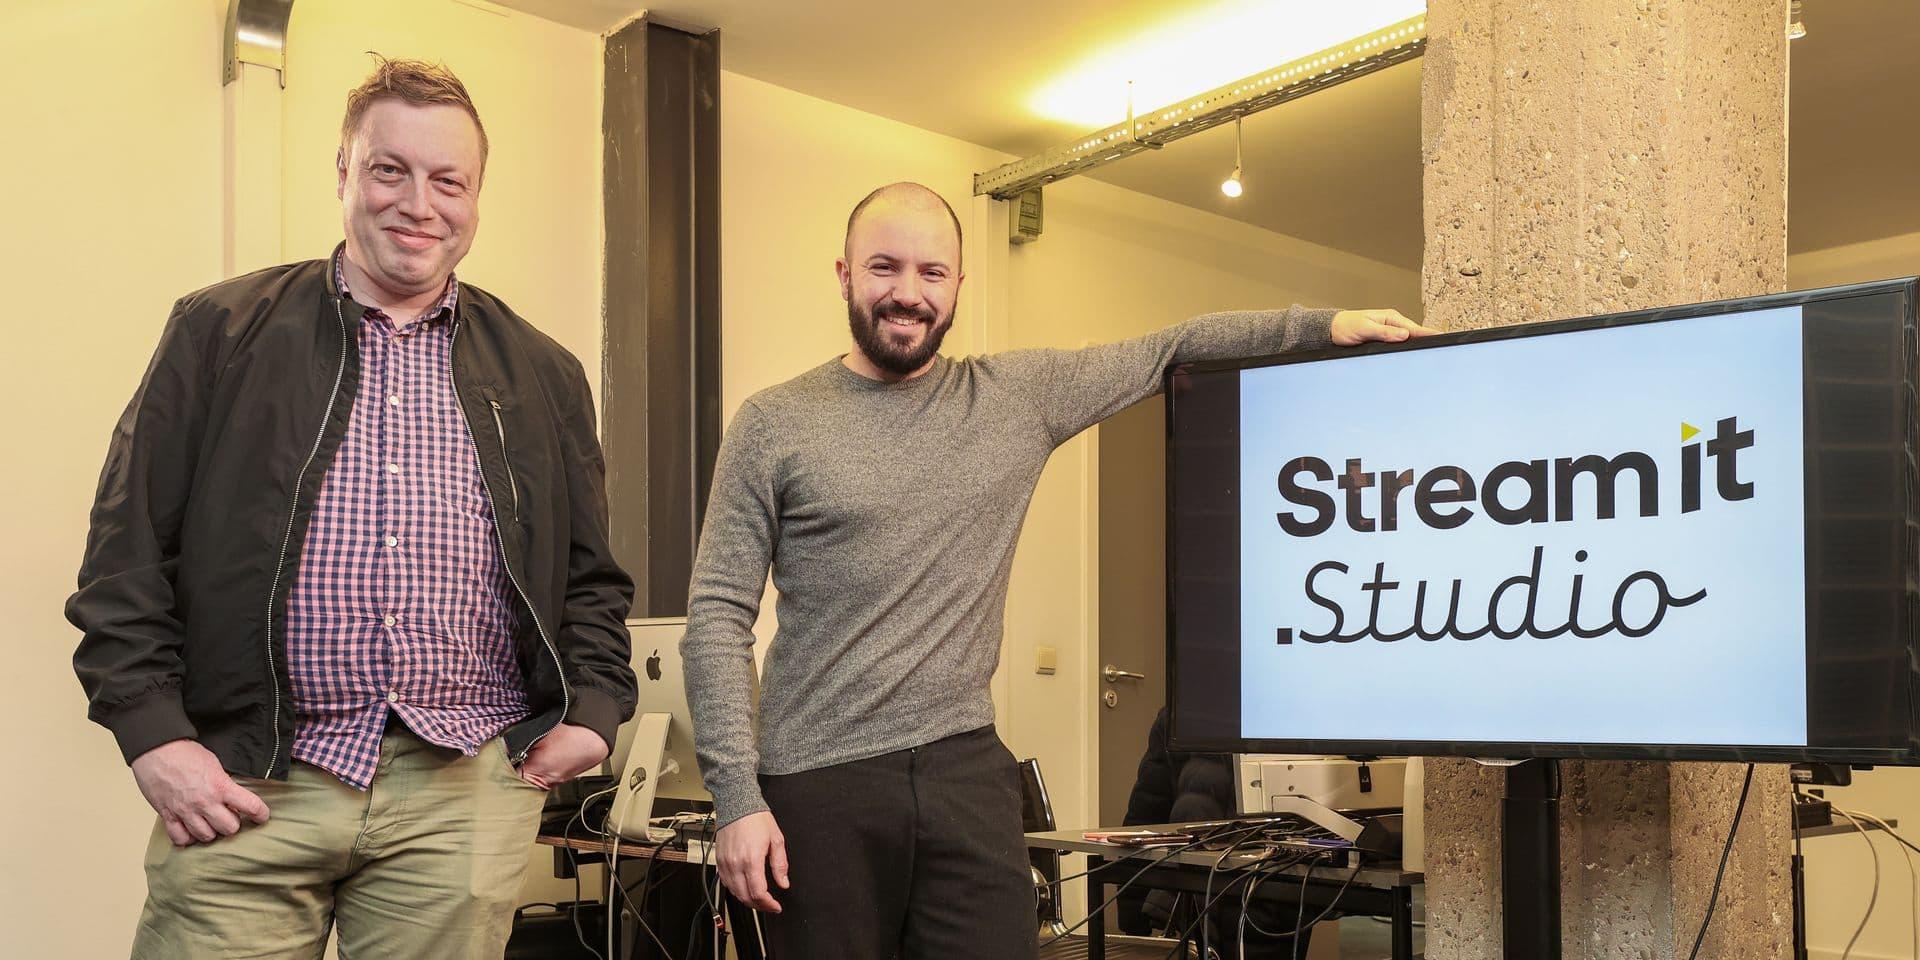 Streamit studio